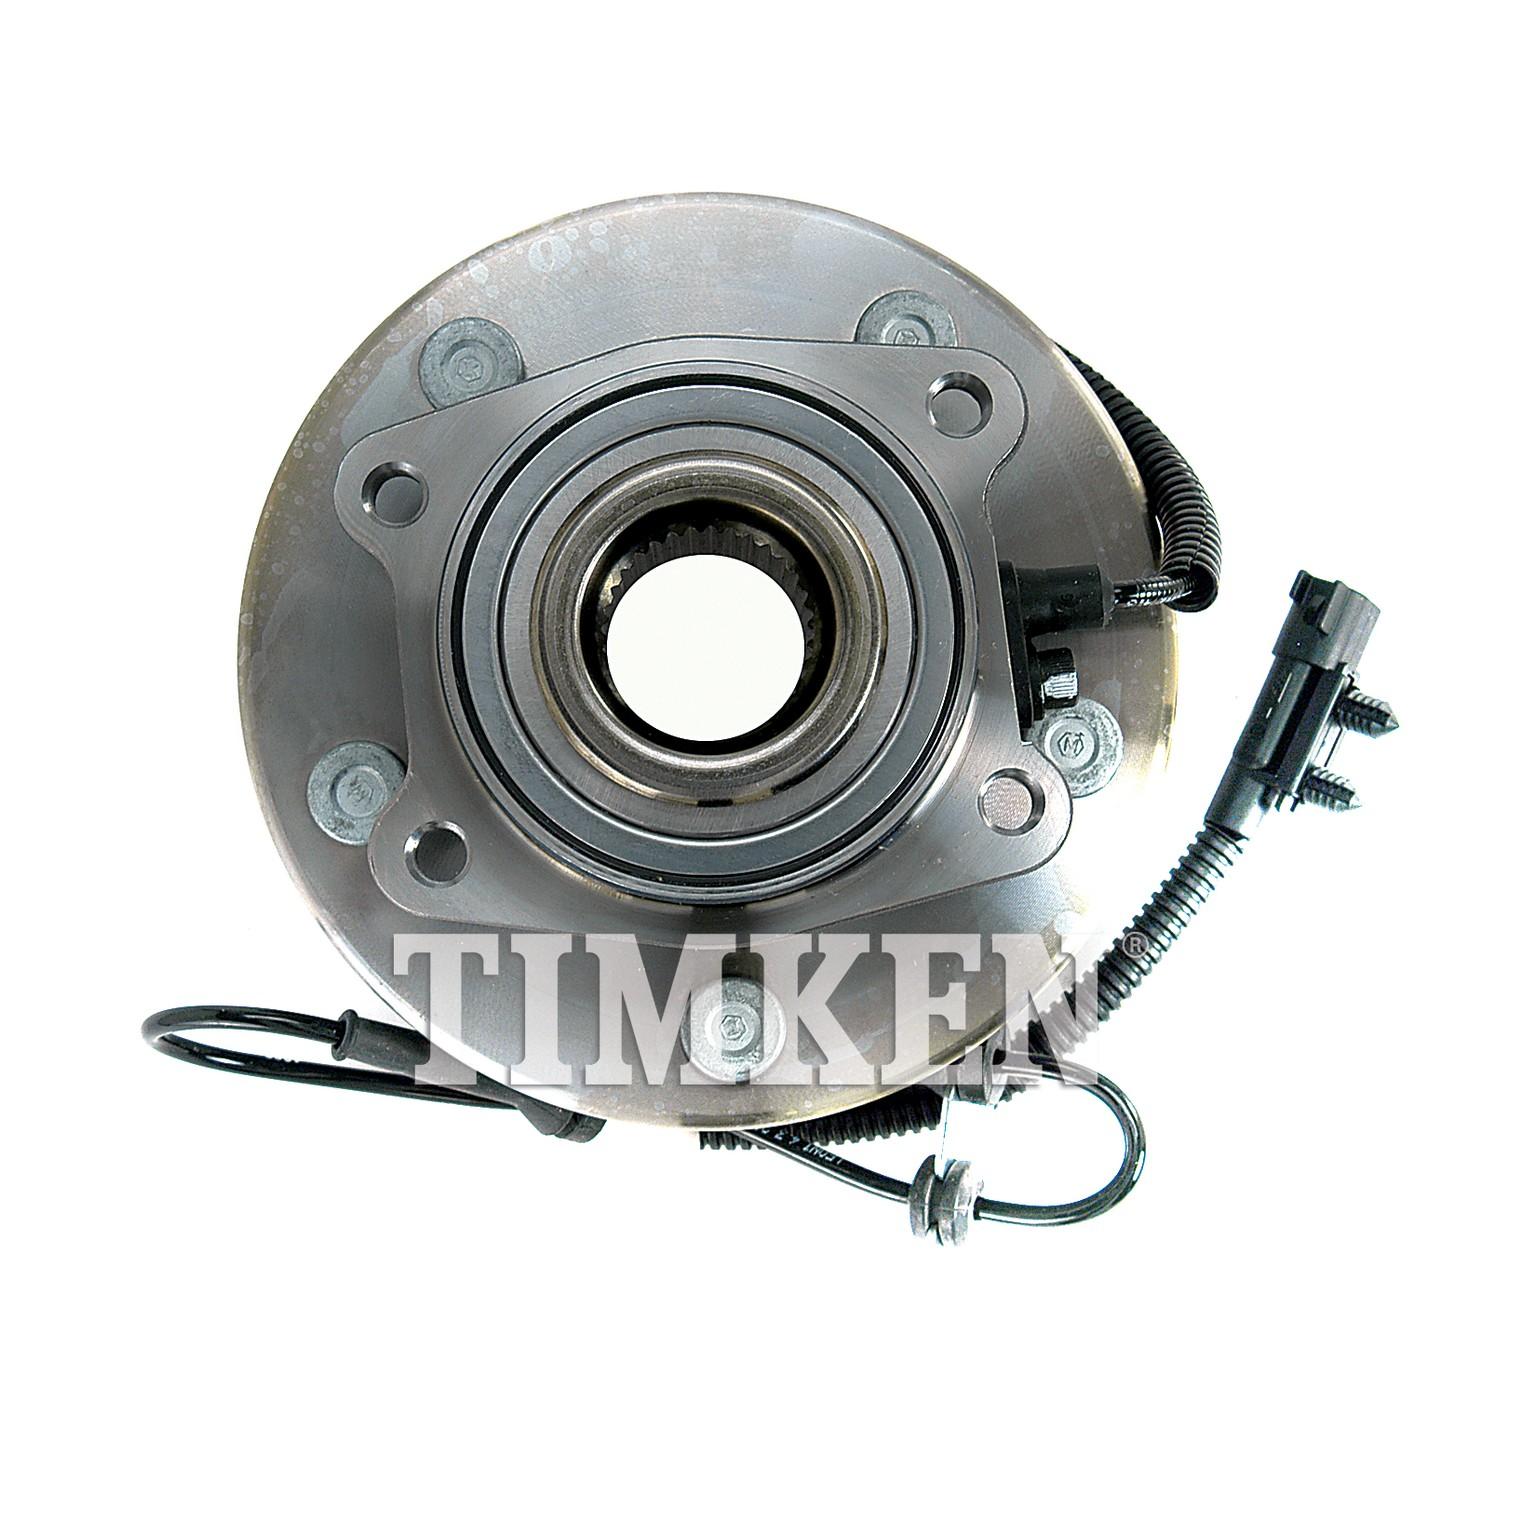 For Chrysler Volkswagen FWD Front Wheel Bearing /& Hub Assembly Timken HA590243